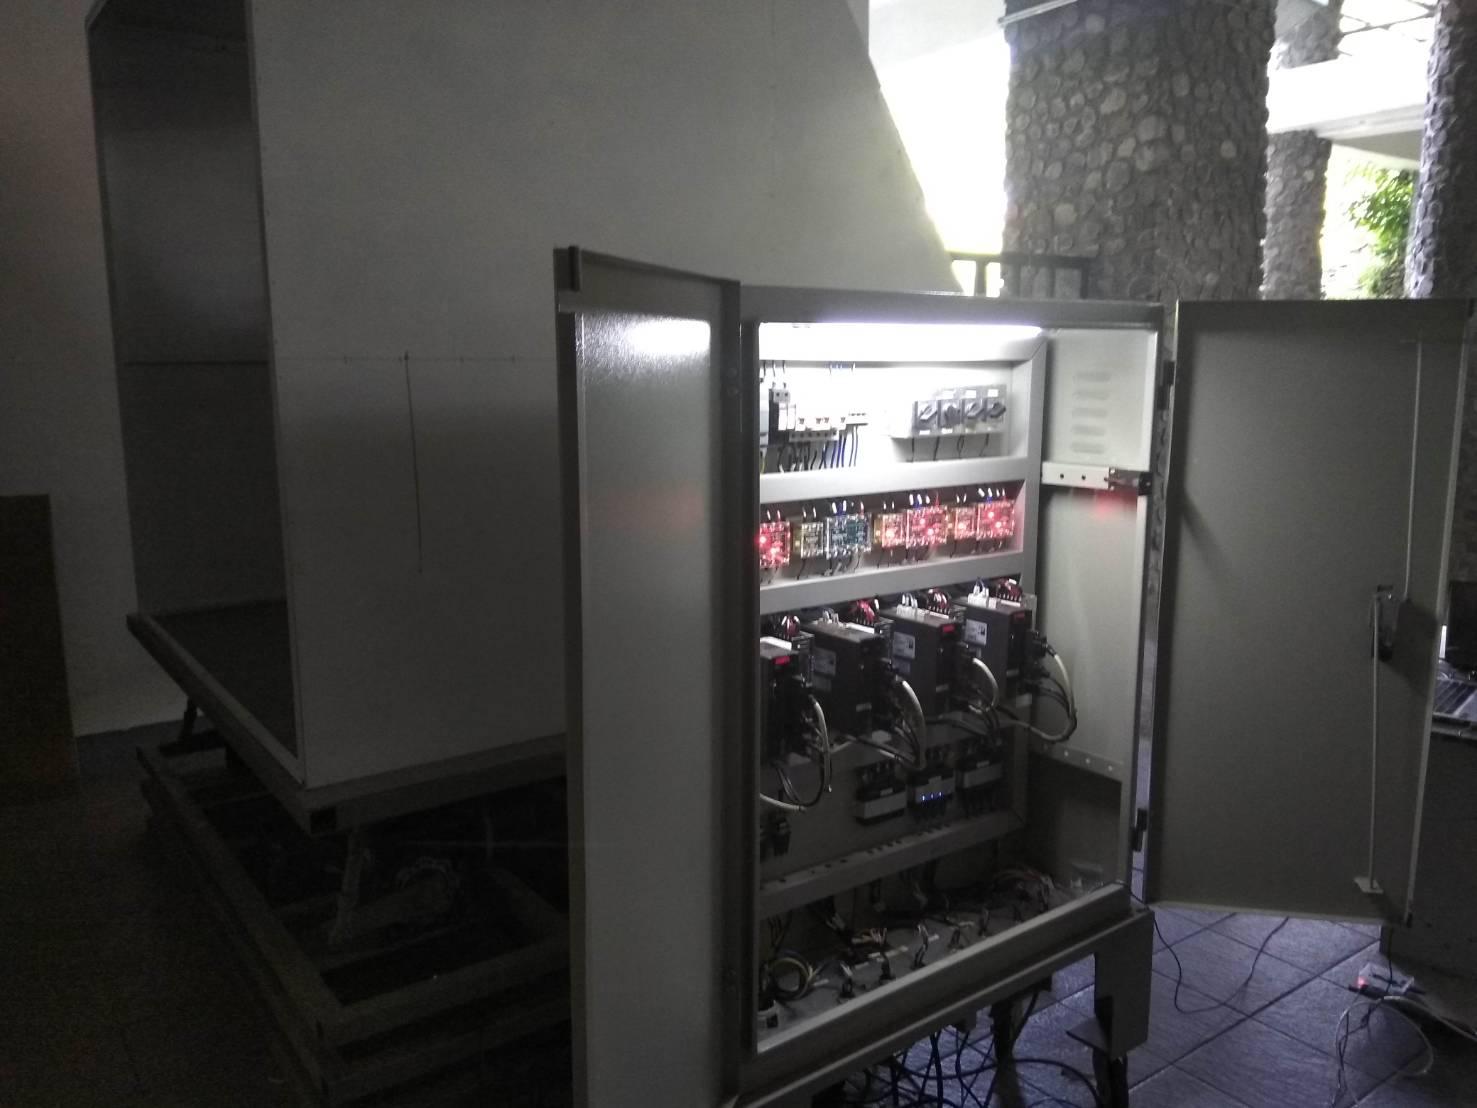 simka-simulator-kereta-api-dengan-sensasi-gerakan-karya-mahasiswa-teknik-elektro-itb